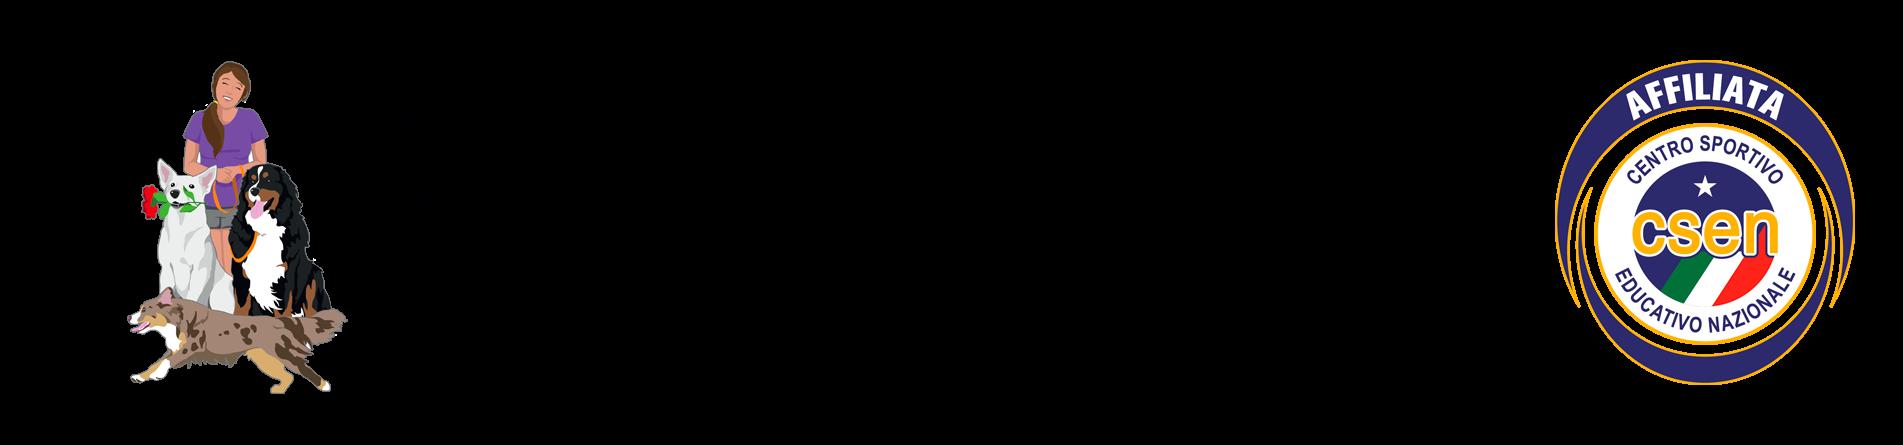 A.S.D. CINOFILIA VARESE